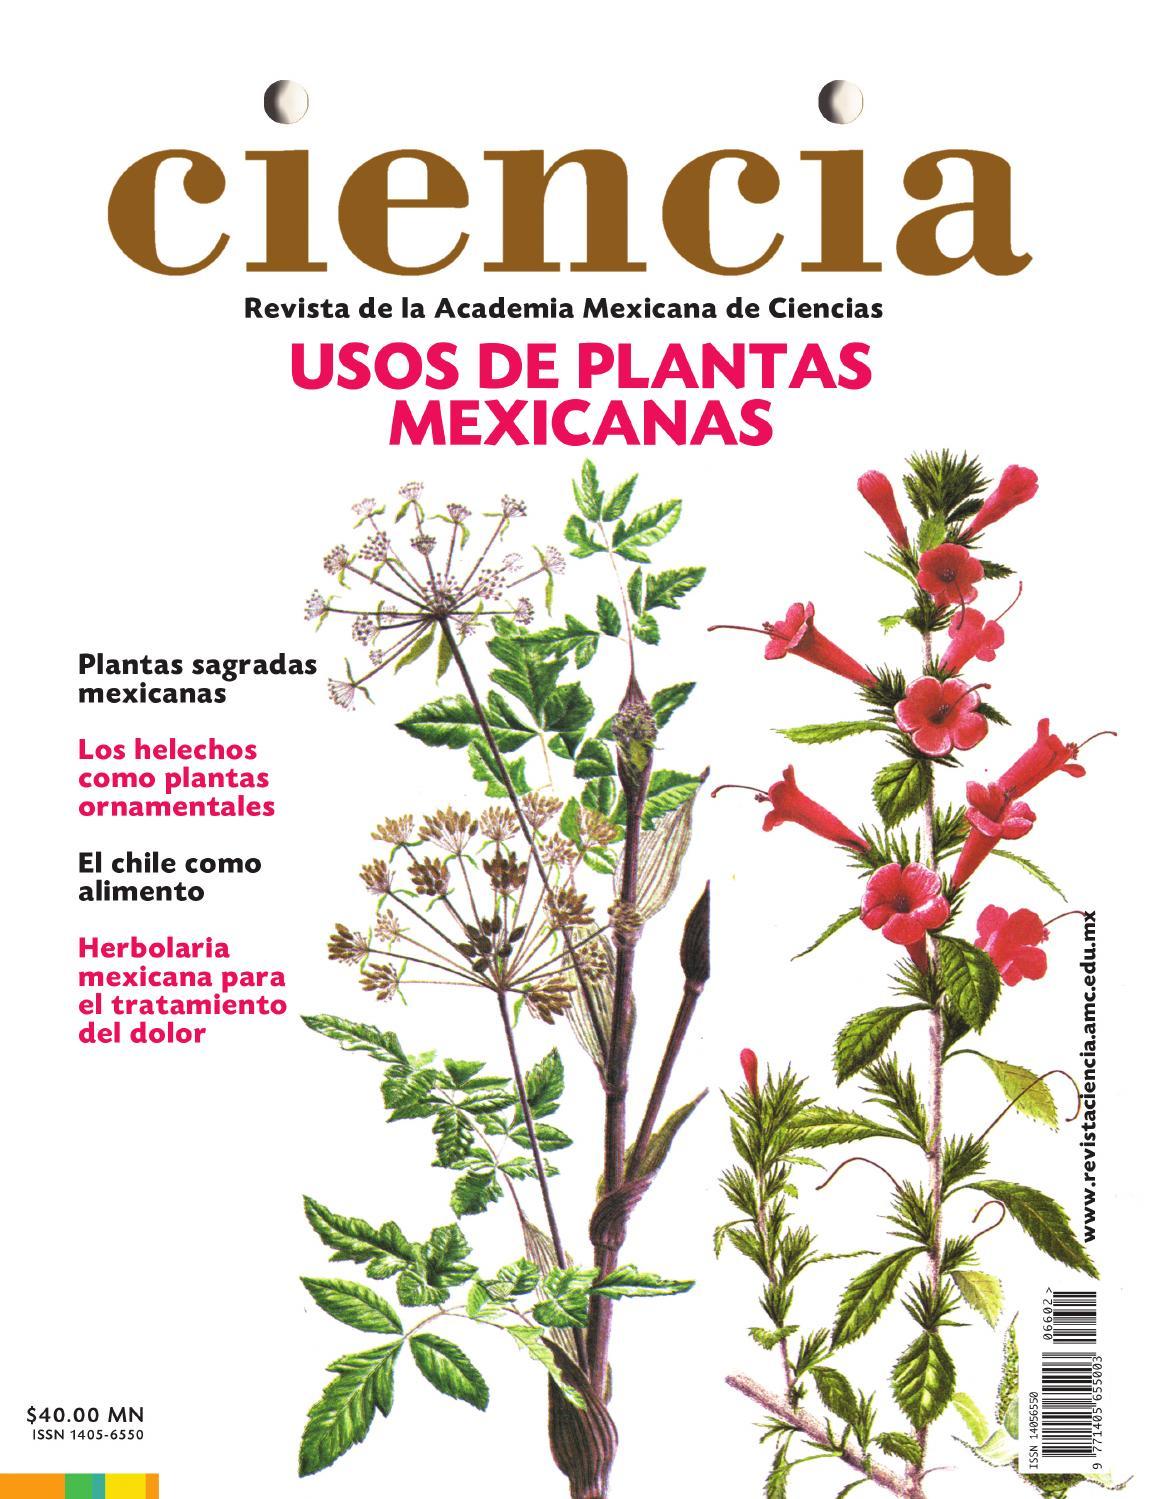 Uso de Plantas Mexicanas. Descarga gratis la revista Ciencia.